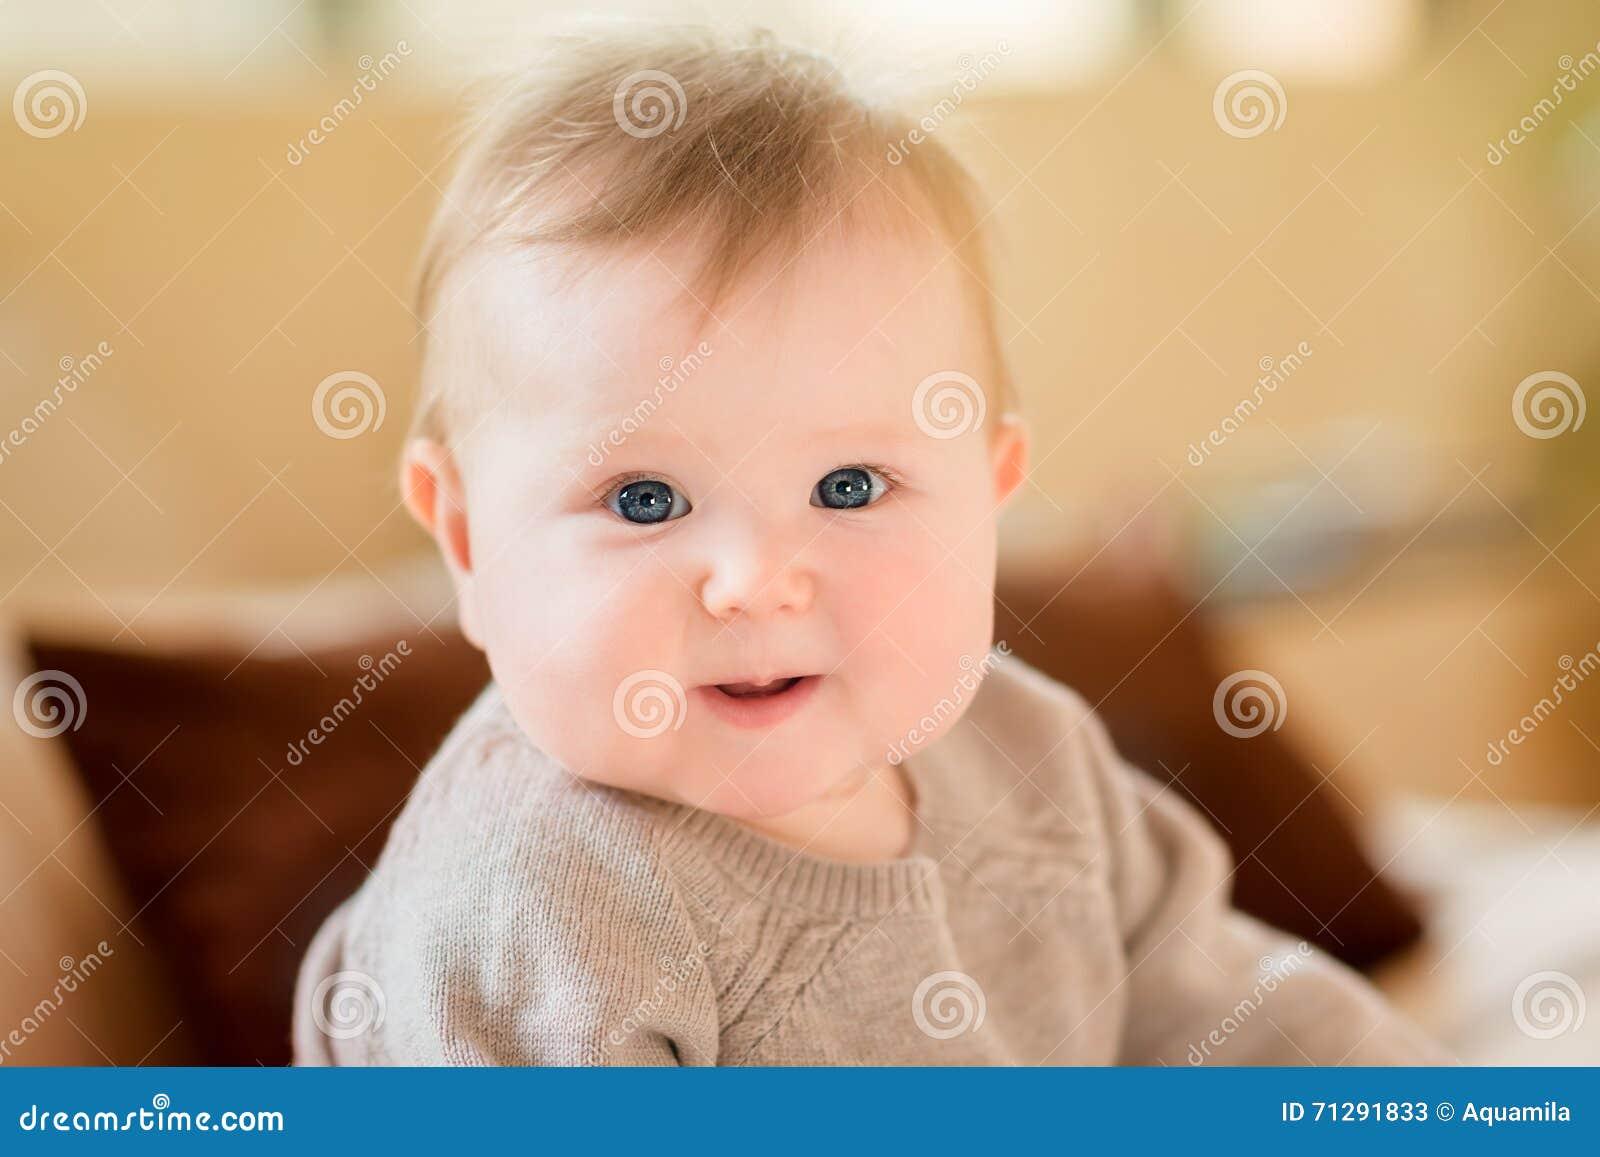 5206522fd0 ritratto-del-primo-piano-di-piccolo-bambino -sorridente-con-capelli-biondi-e-gli-occhi-azzurri-che-portano-maglione-tricottato-che-71291833.jpg